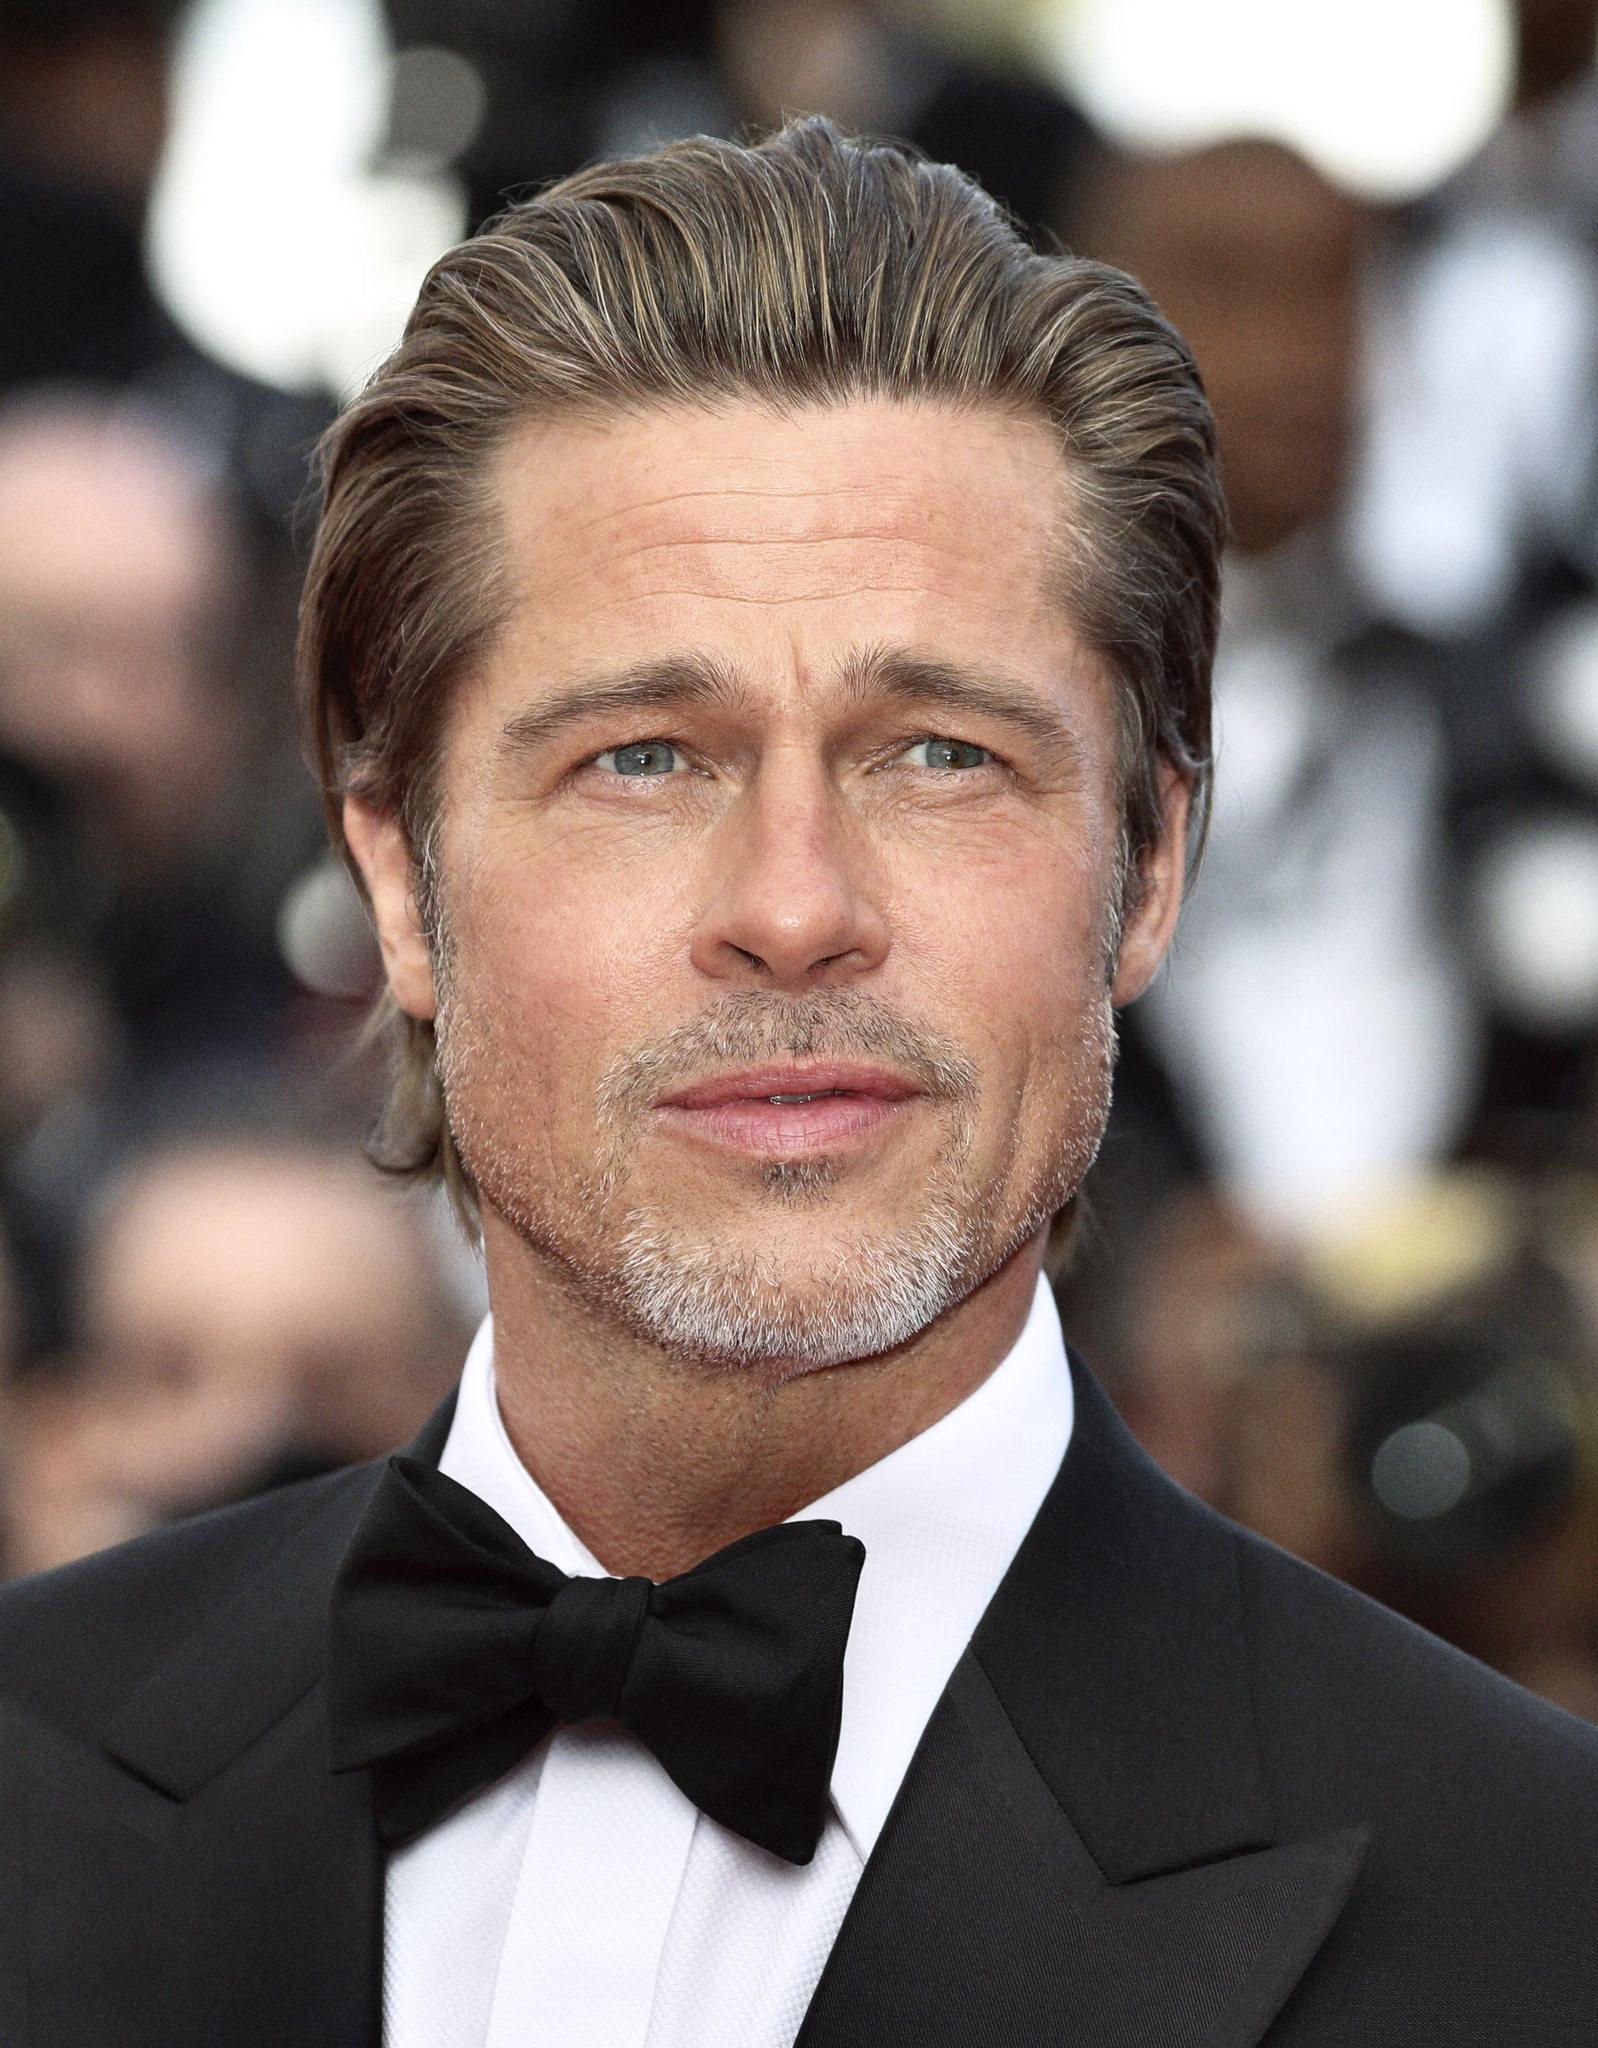 Top 20 World Richest Actors 2020